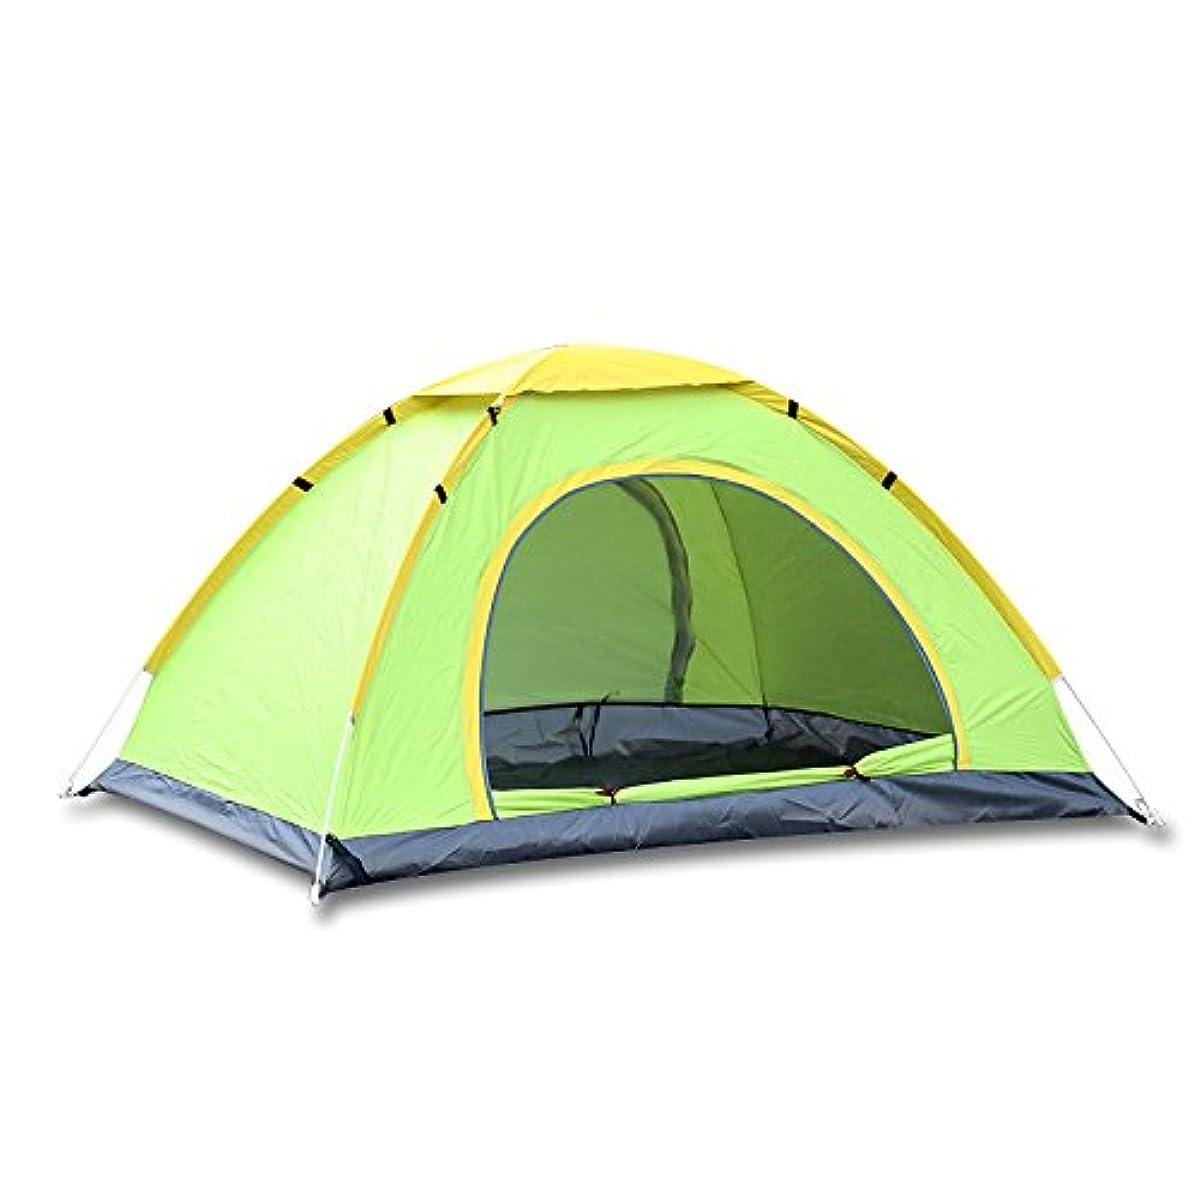 懇願する北西地区テント屋外3-4 人自動ダブルドア 手投げ防雨日焼け止めテントを開くために2秒